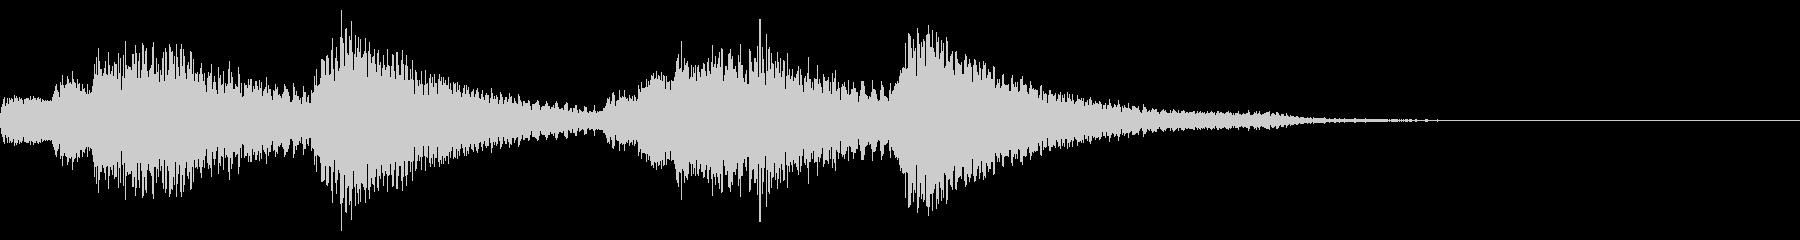 軽快なピアノのジングル16の未再生の波形